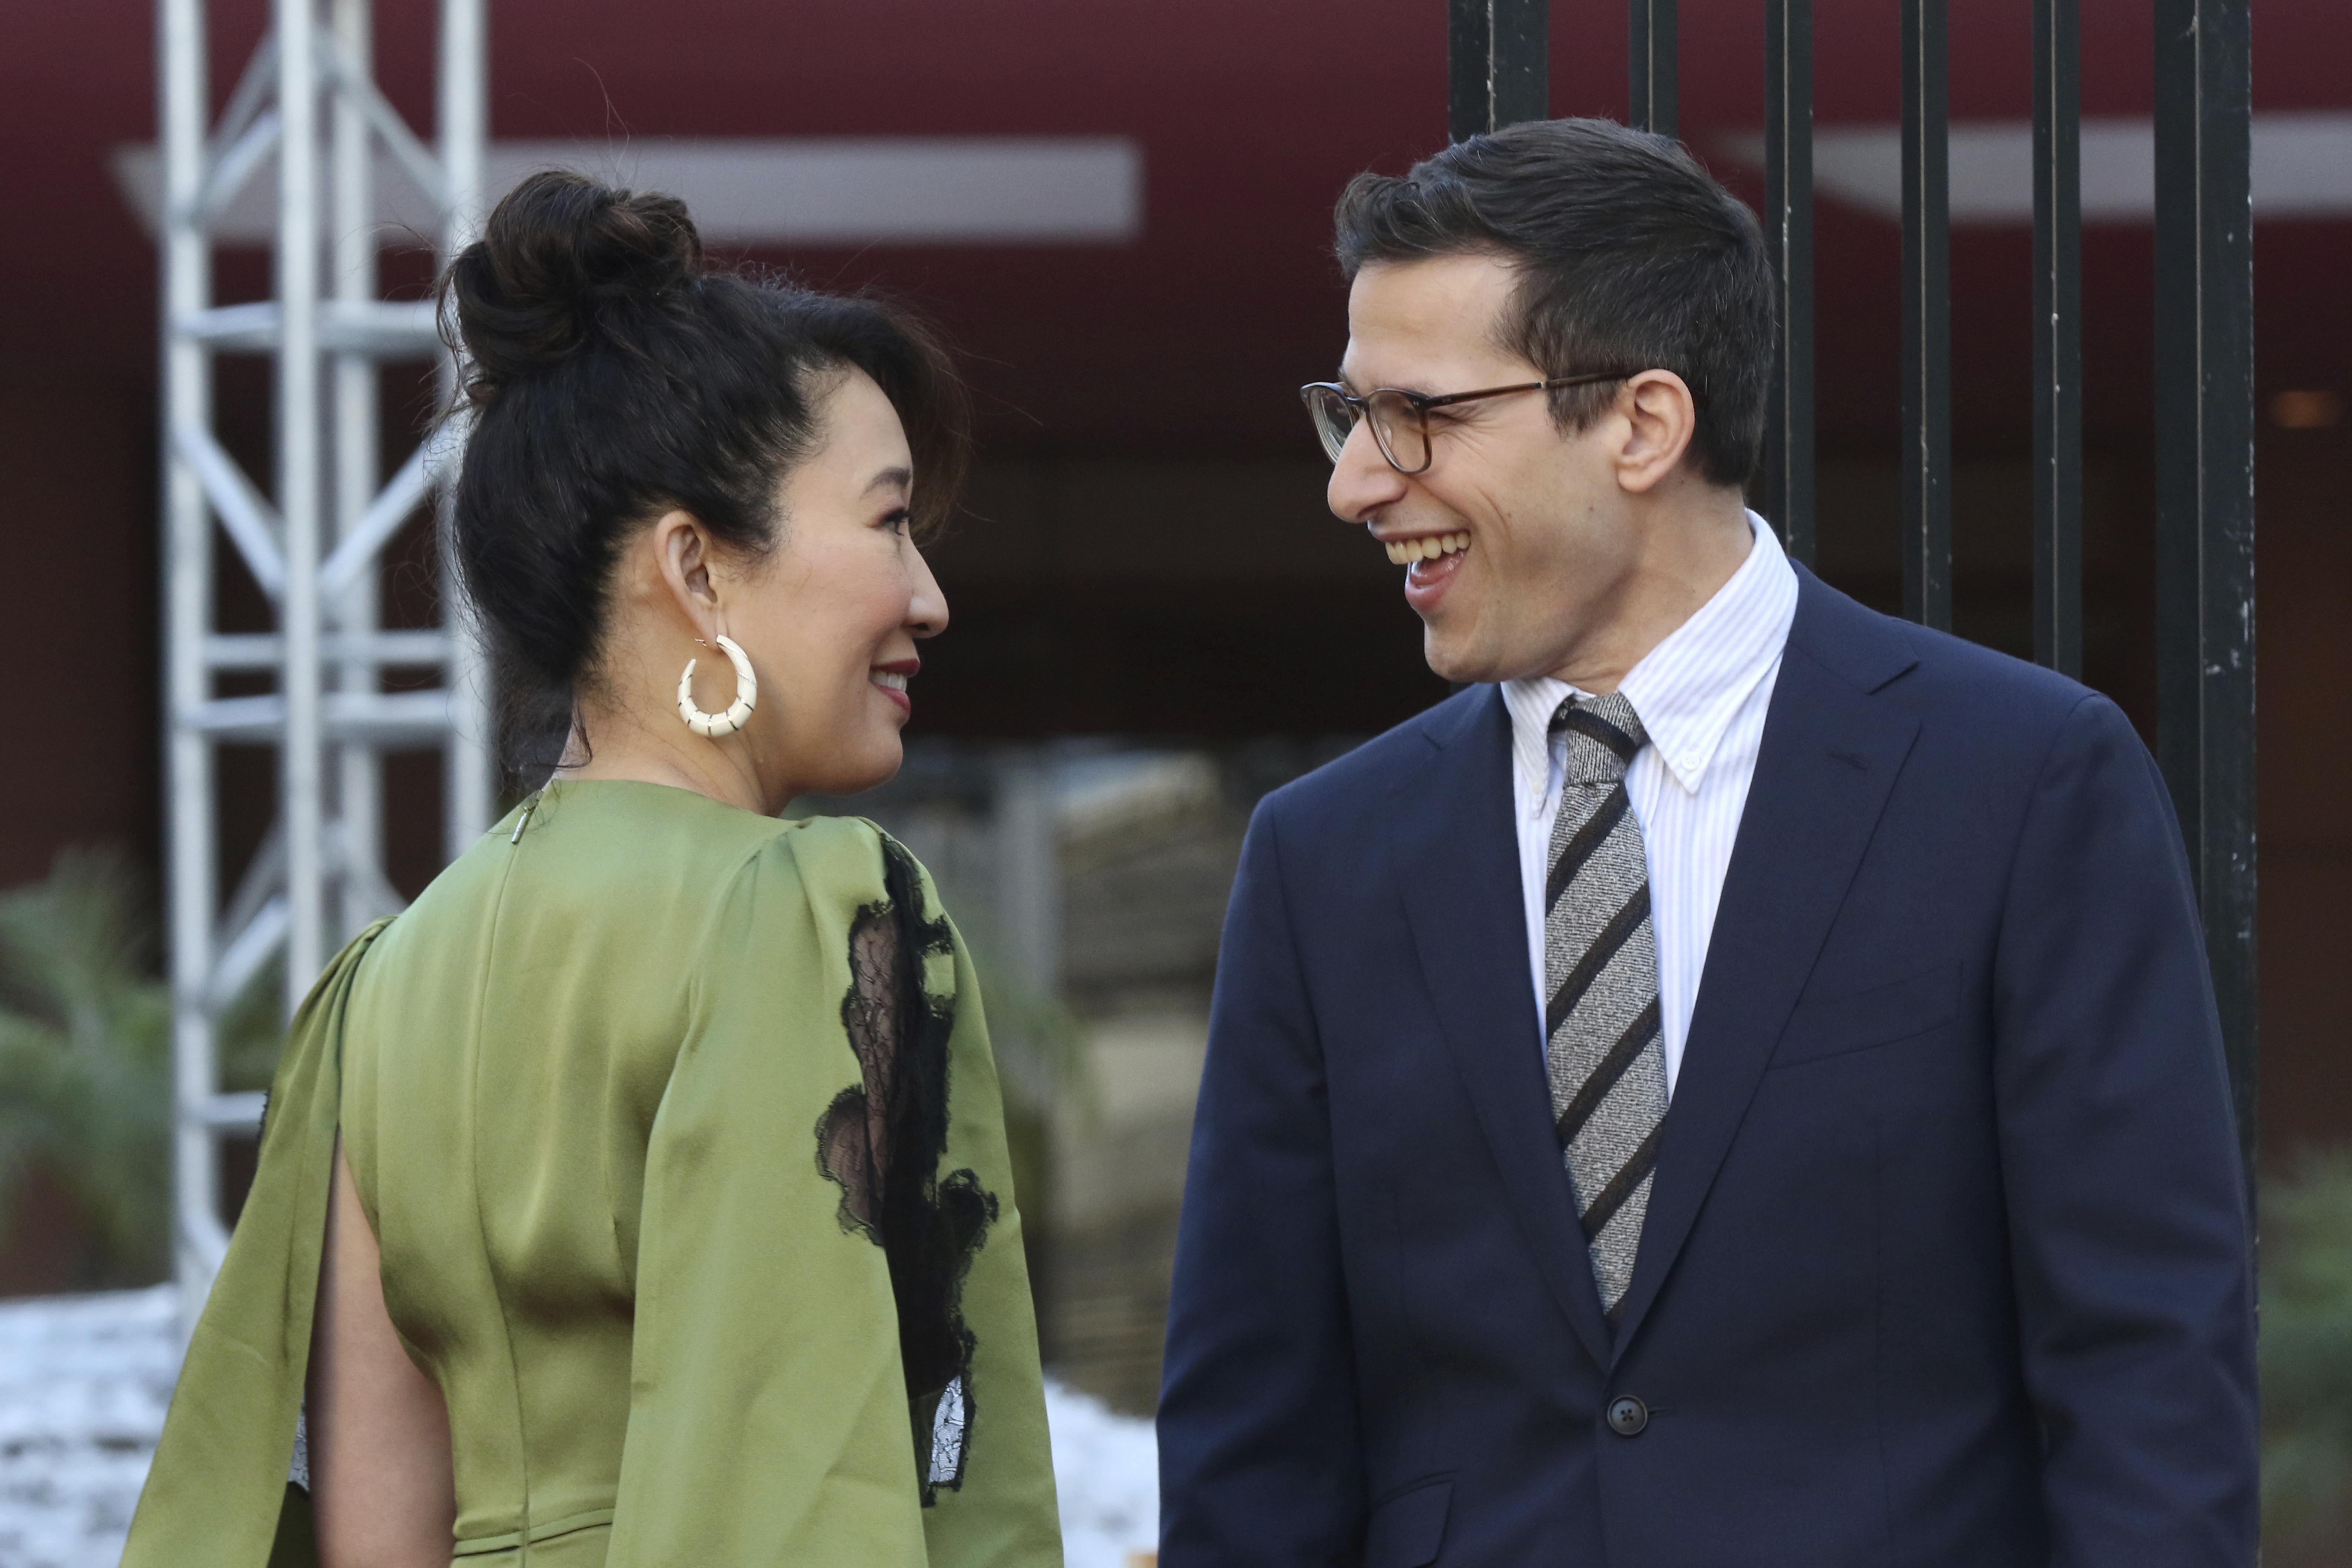 Sandra Oh, izquierda, y Andy Samberg sonríen tras desenrrollar la alfombra roja de la 76a entrega anual de los Globos de Oro en el The Beverly Hilton el jueves 3 de enero de 2019 en Beverly Hills, California. (Foto Willy Sanjuan/Invision/AP)